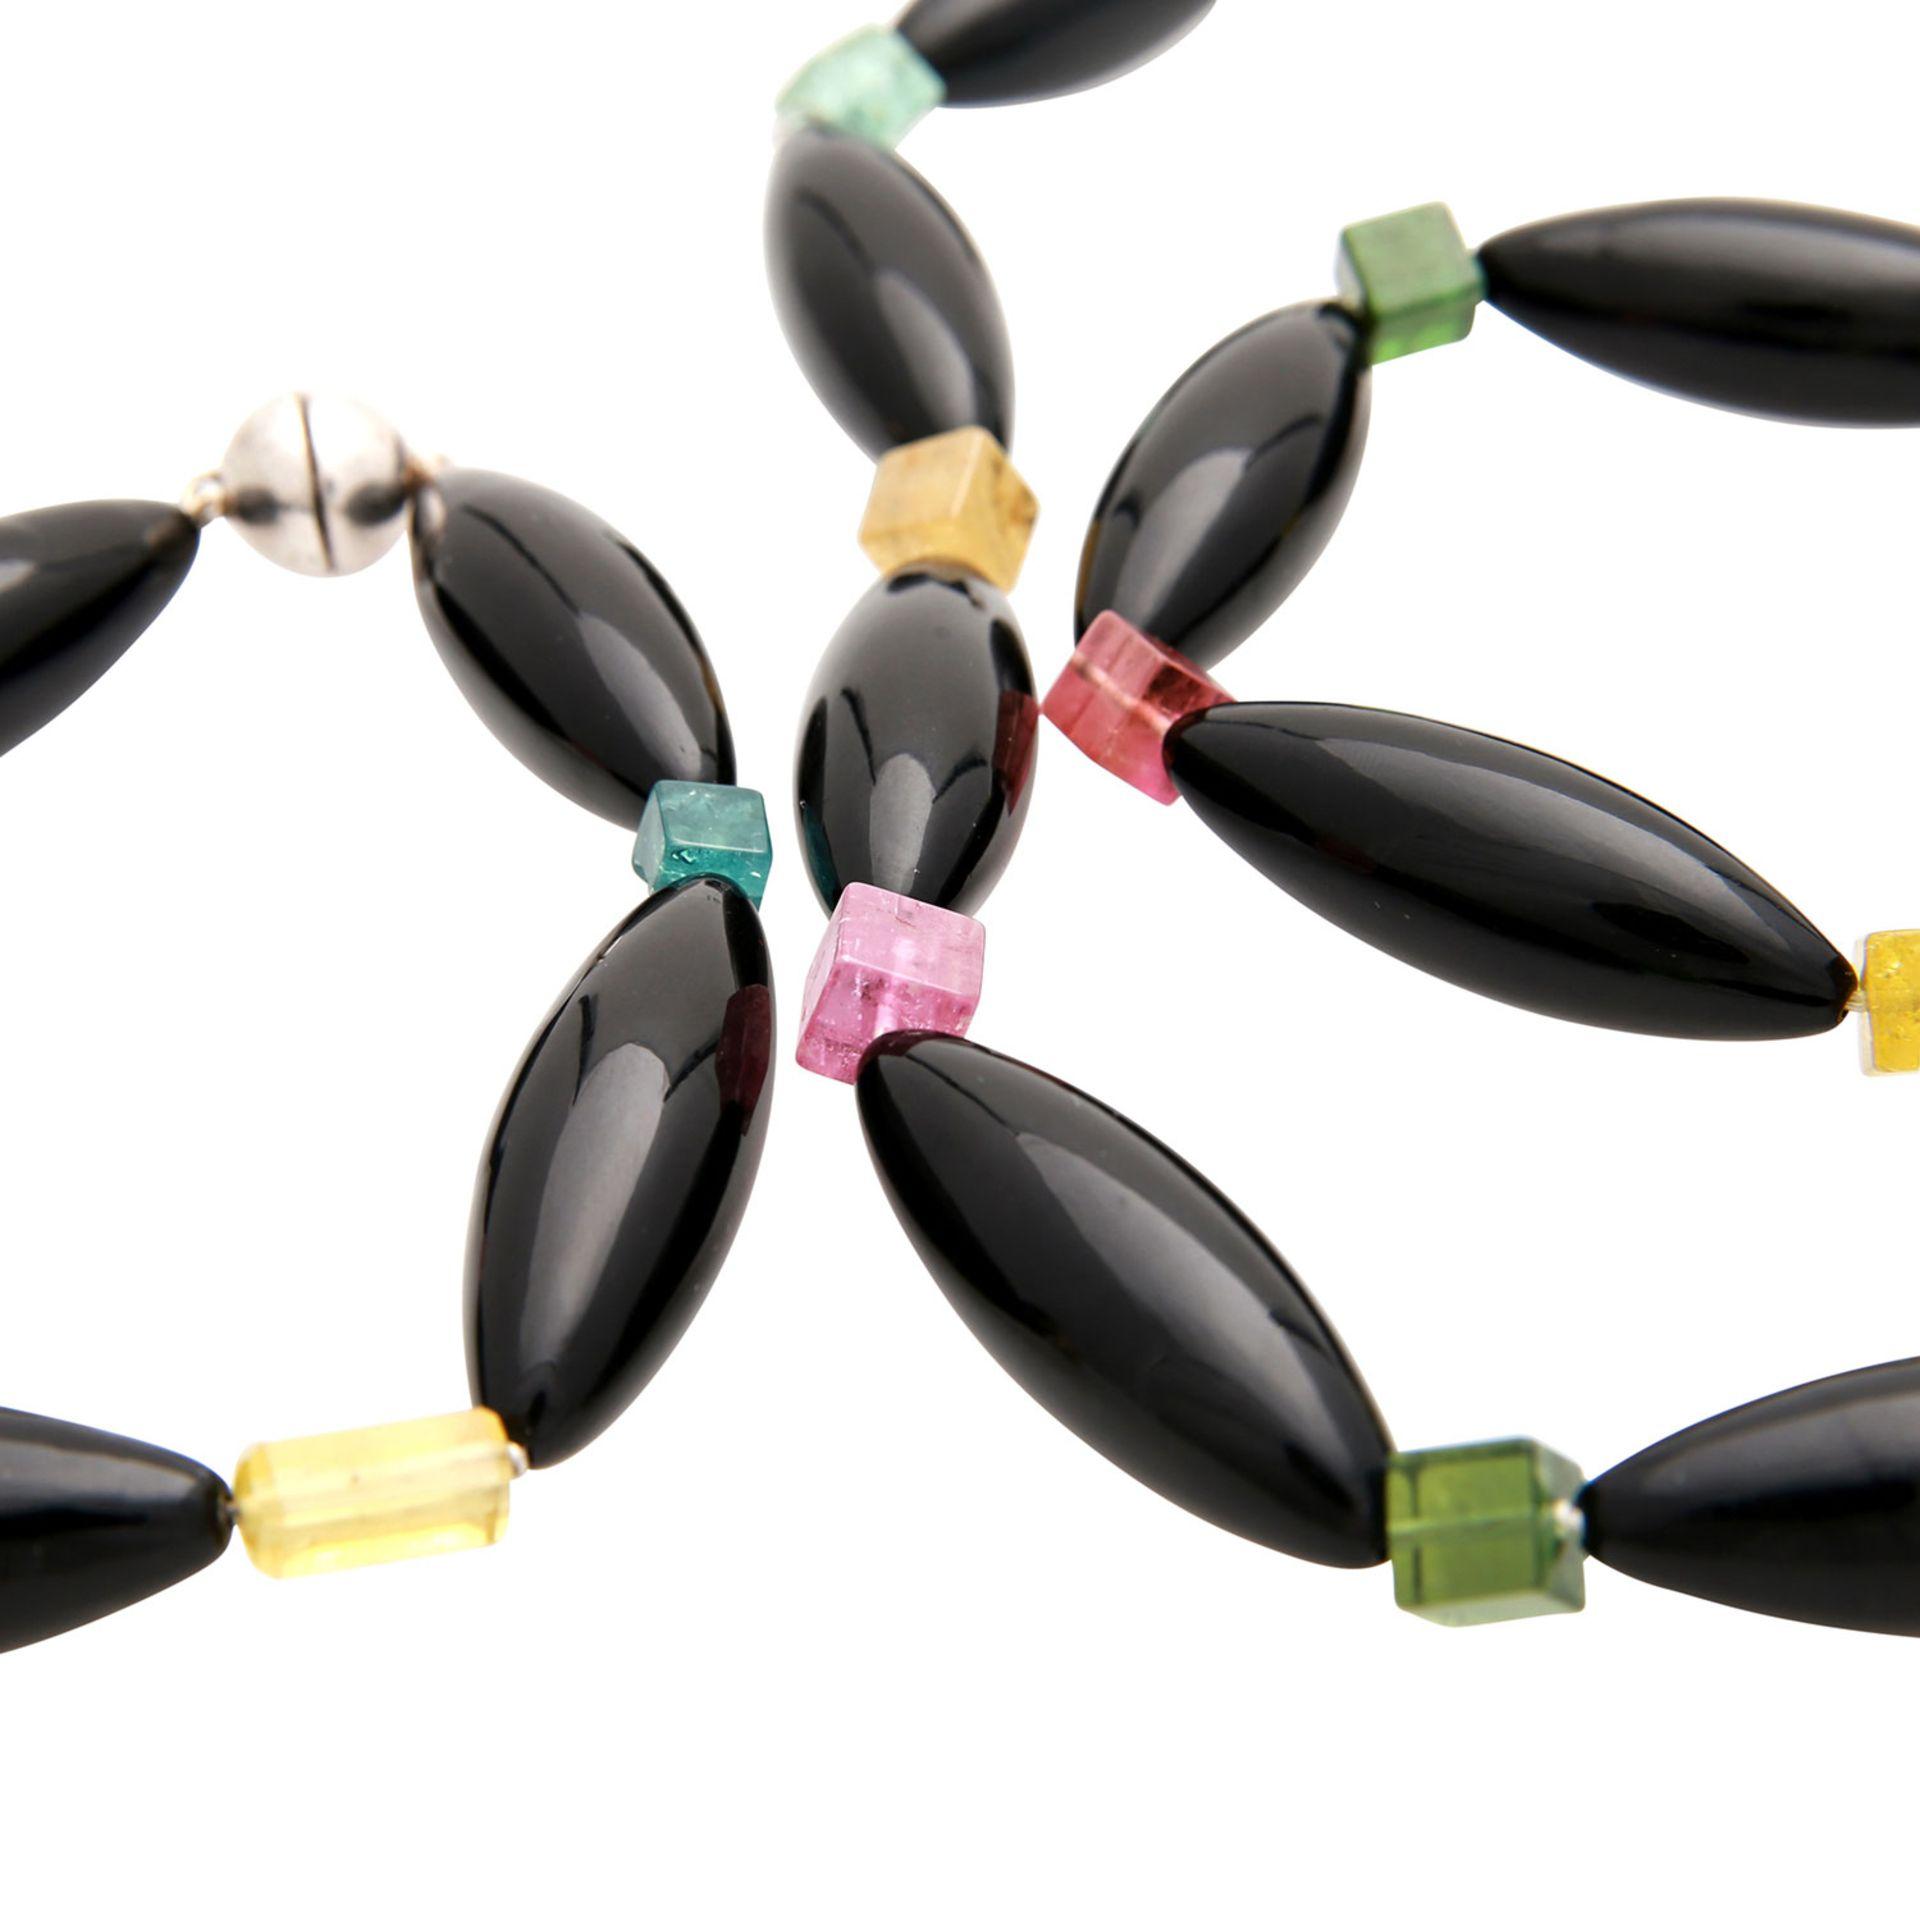 Los 172 - Schmuckset aus Kette und Armband, schwarze Navetteperlen, L: 3,8 cm, in Abwechslung mit